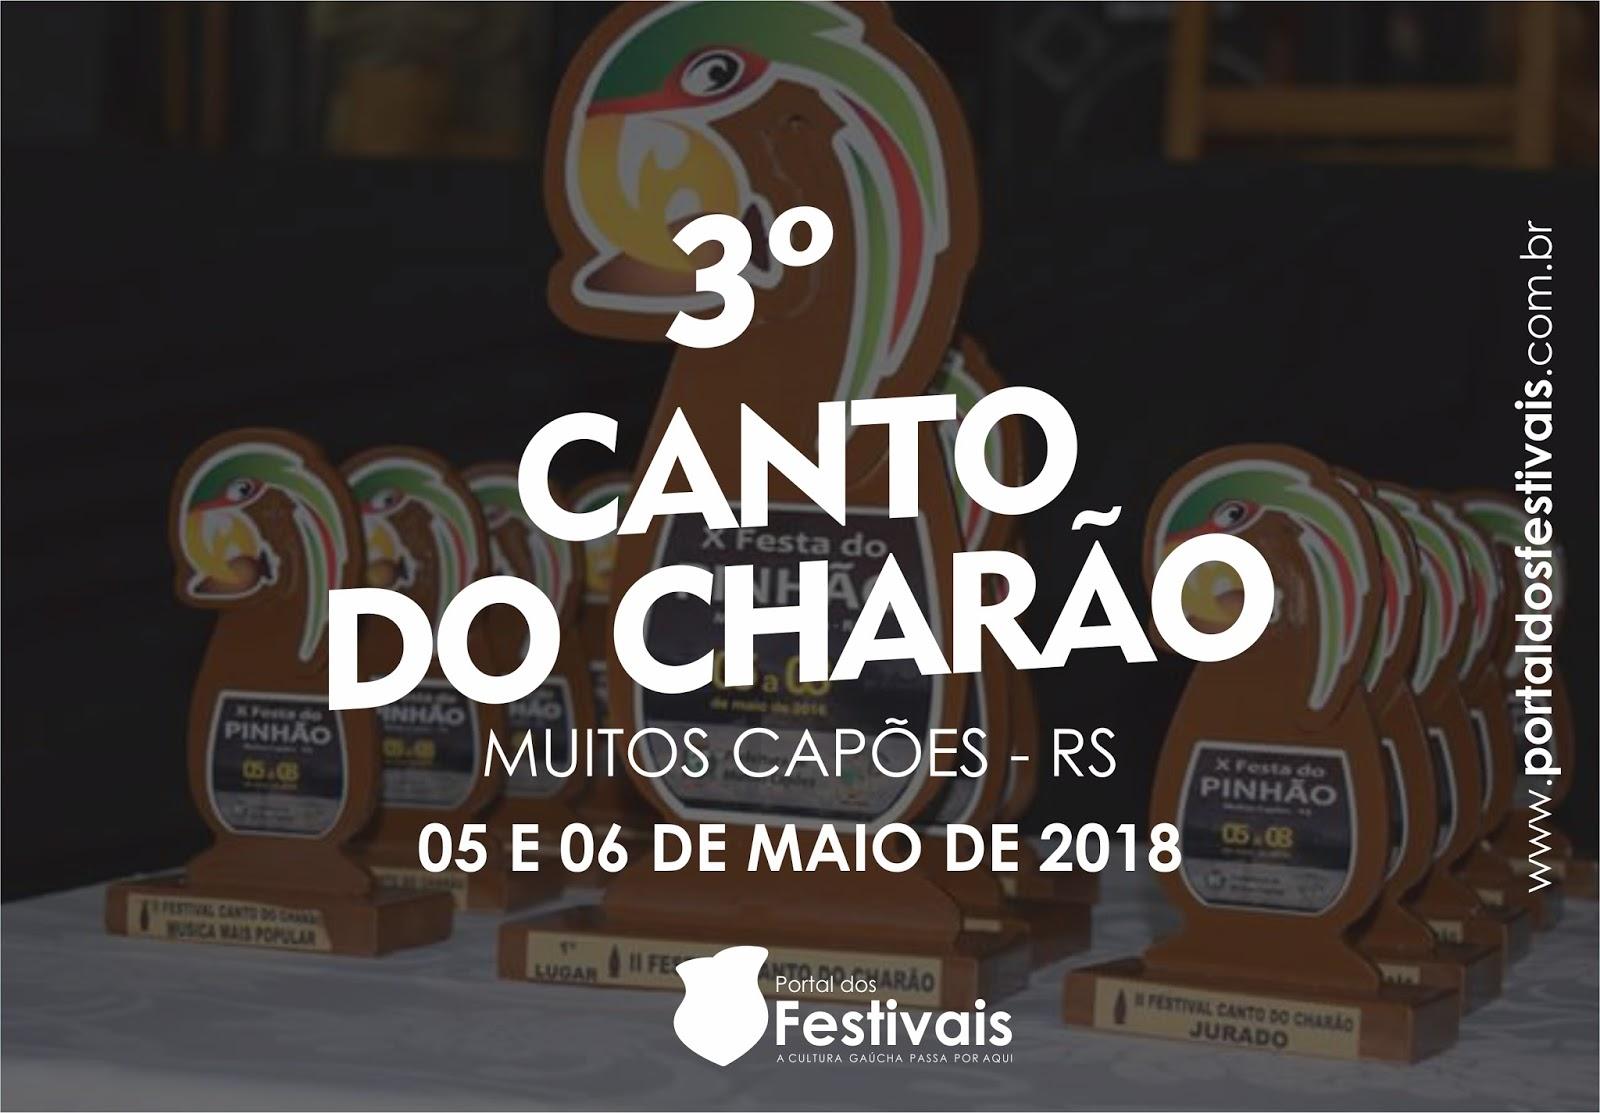 Inscrições para o 3º Canto do Charão iniciam dia 11 de janeiro